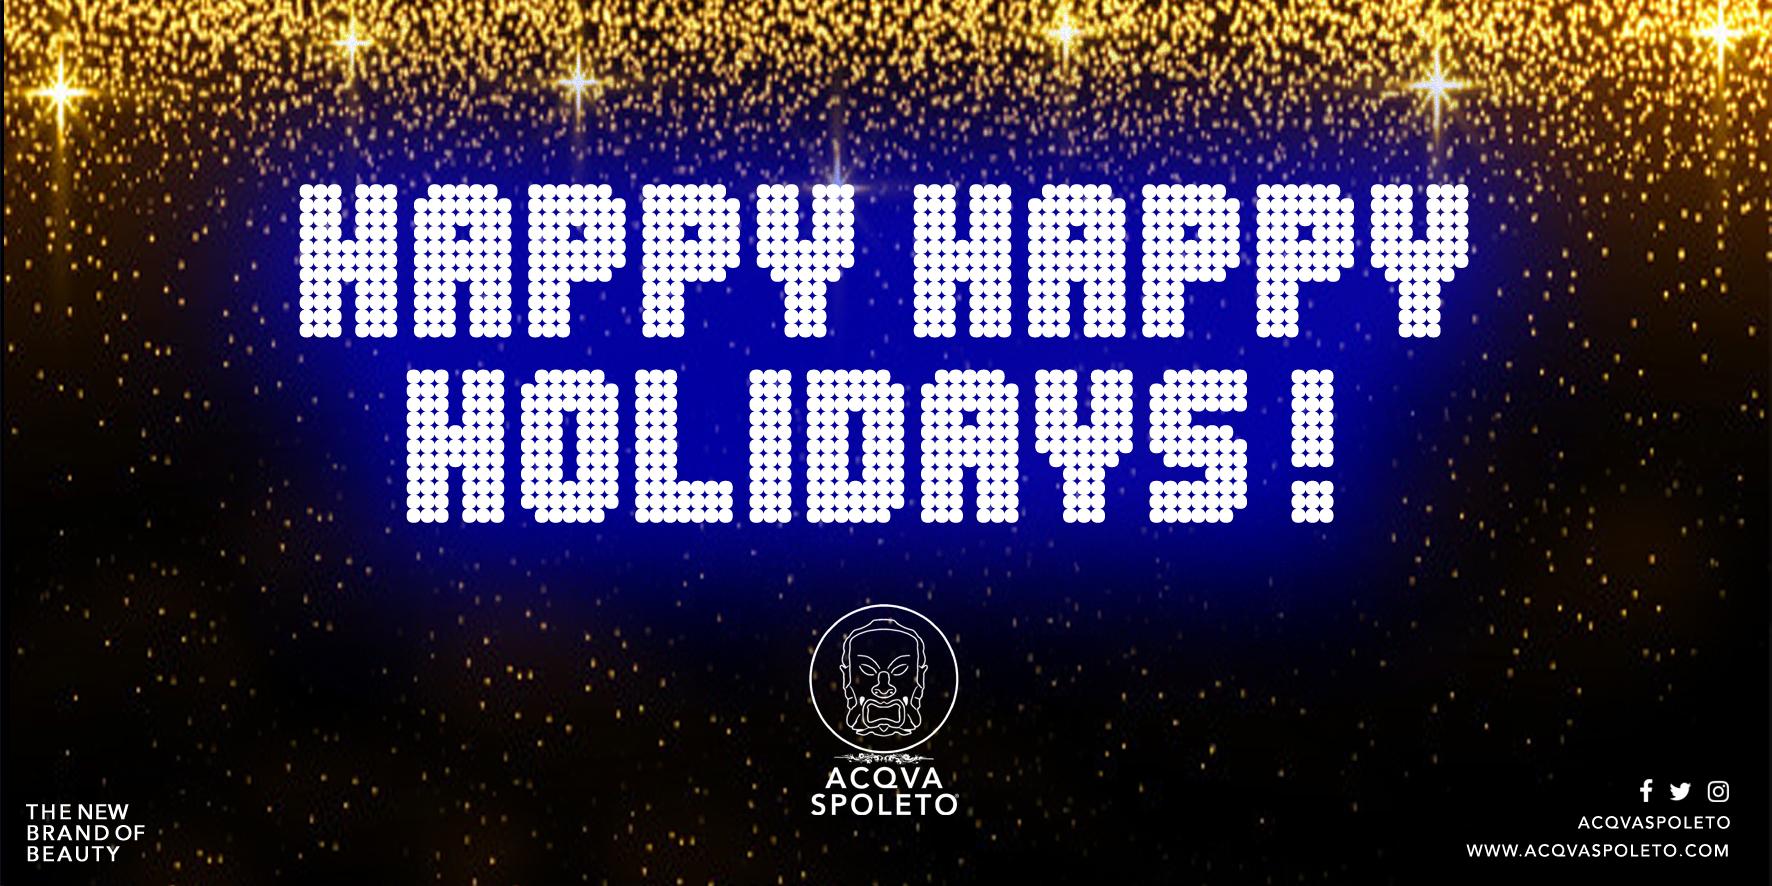 HAPPY HAPPY HOLIDAYS!